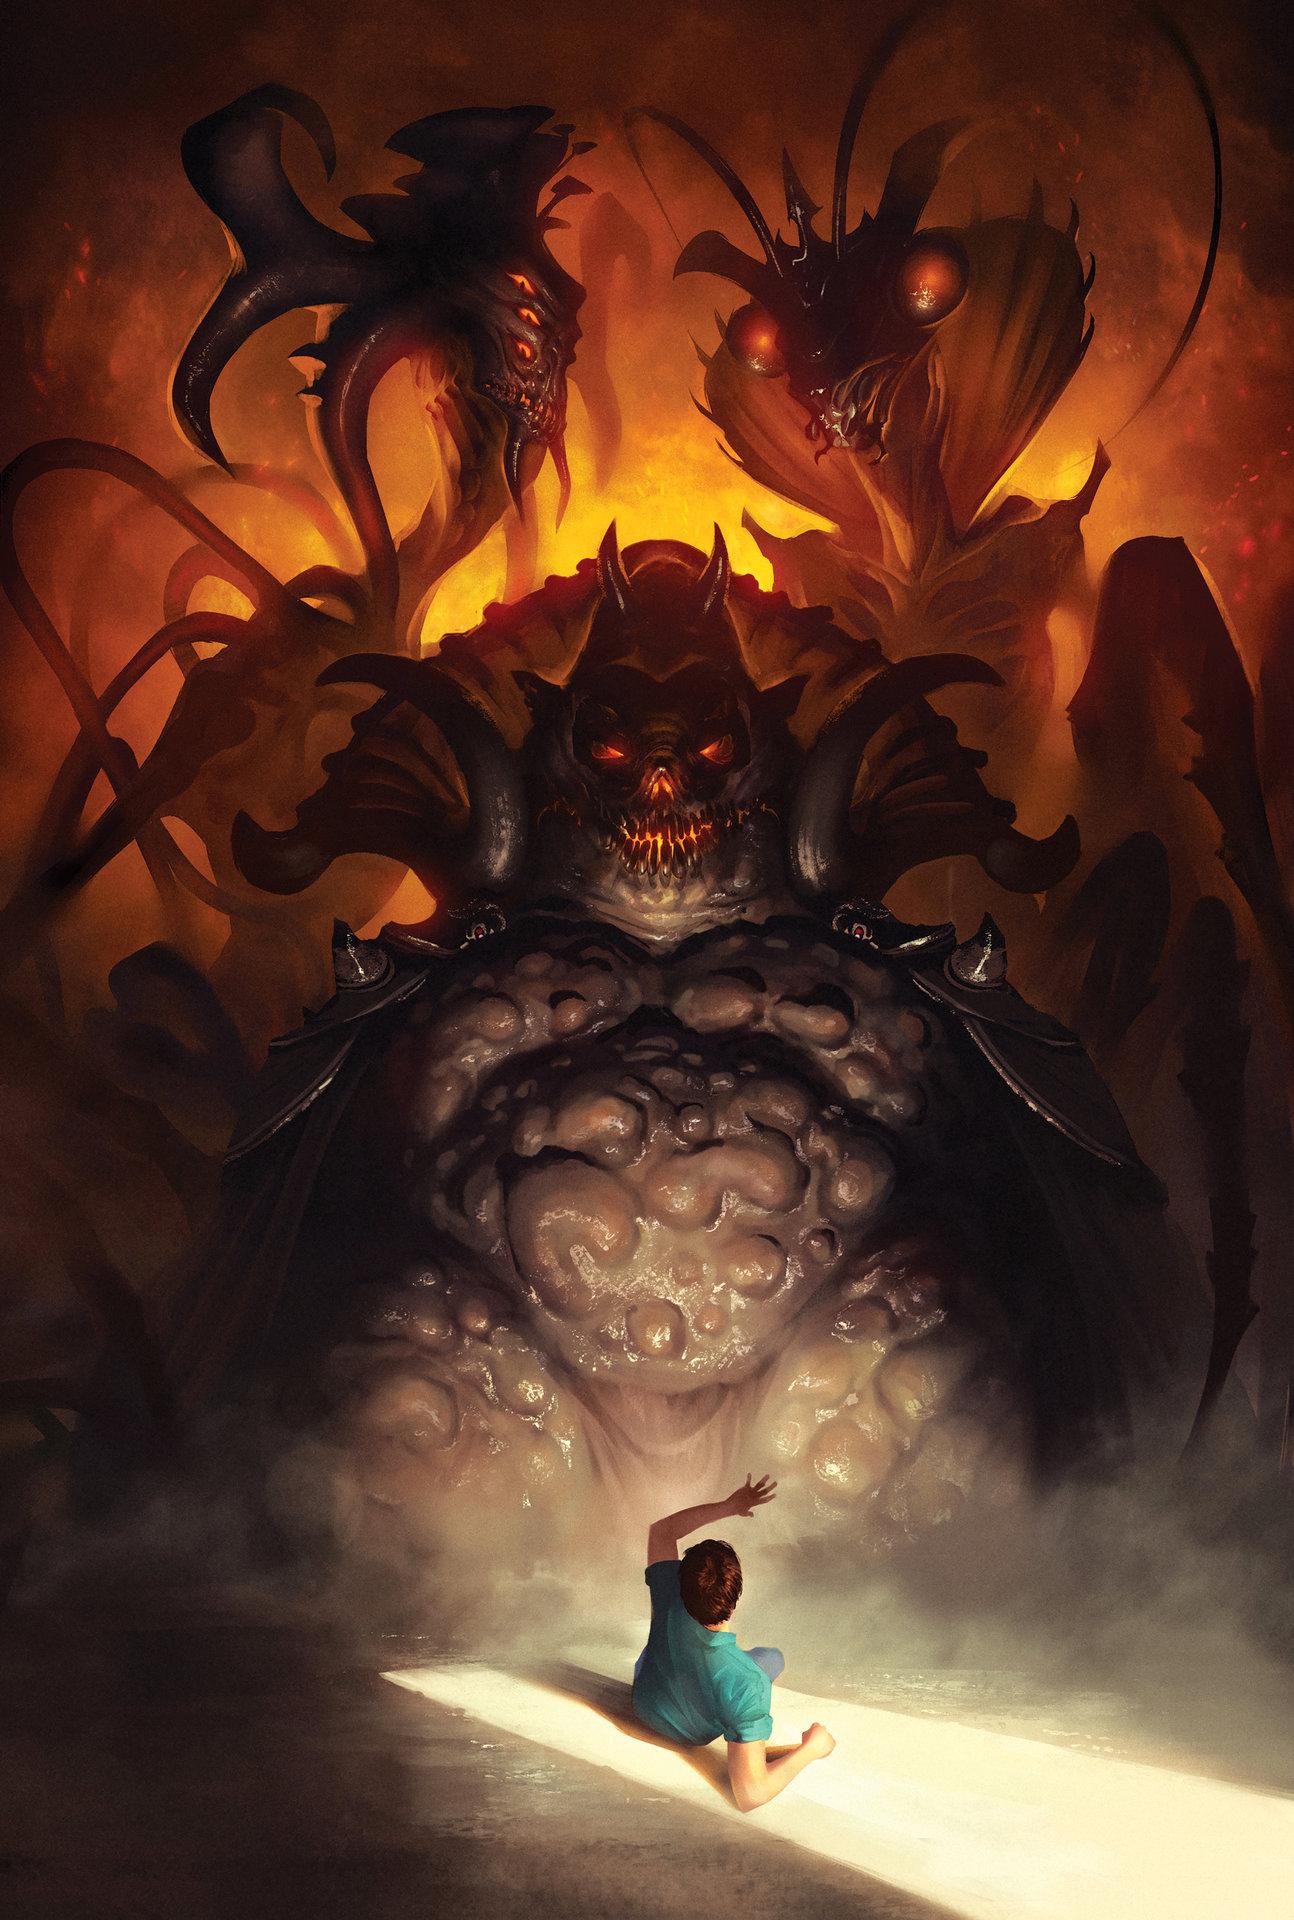 Artstation - Face Demons Simon Dubuc